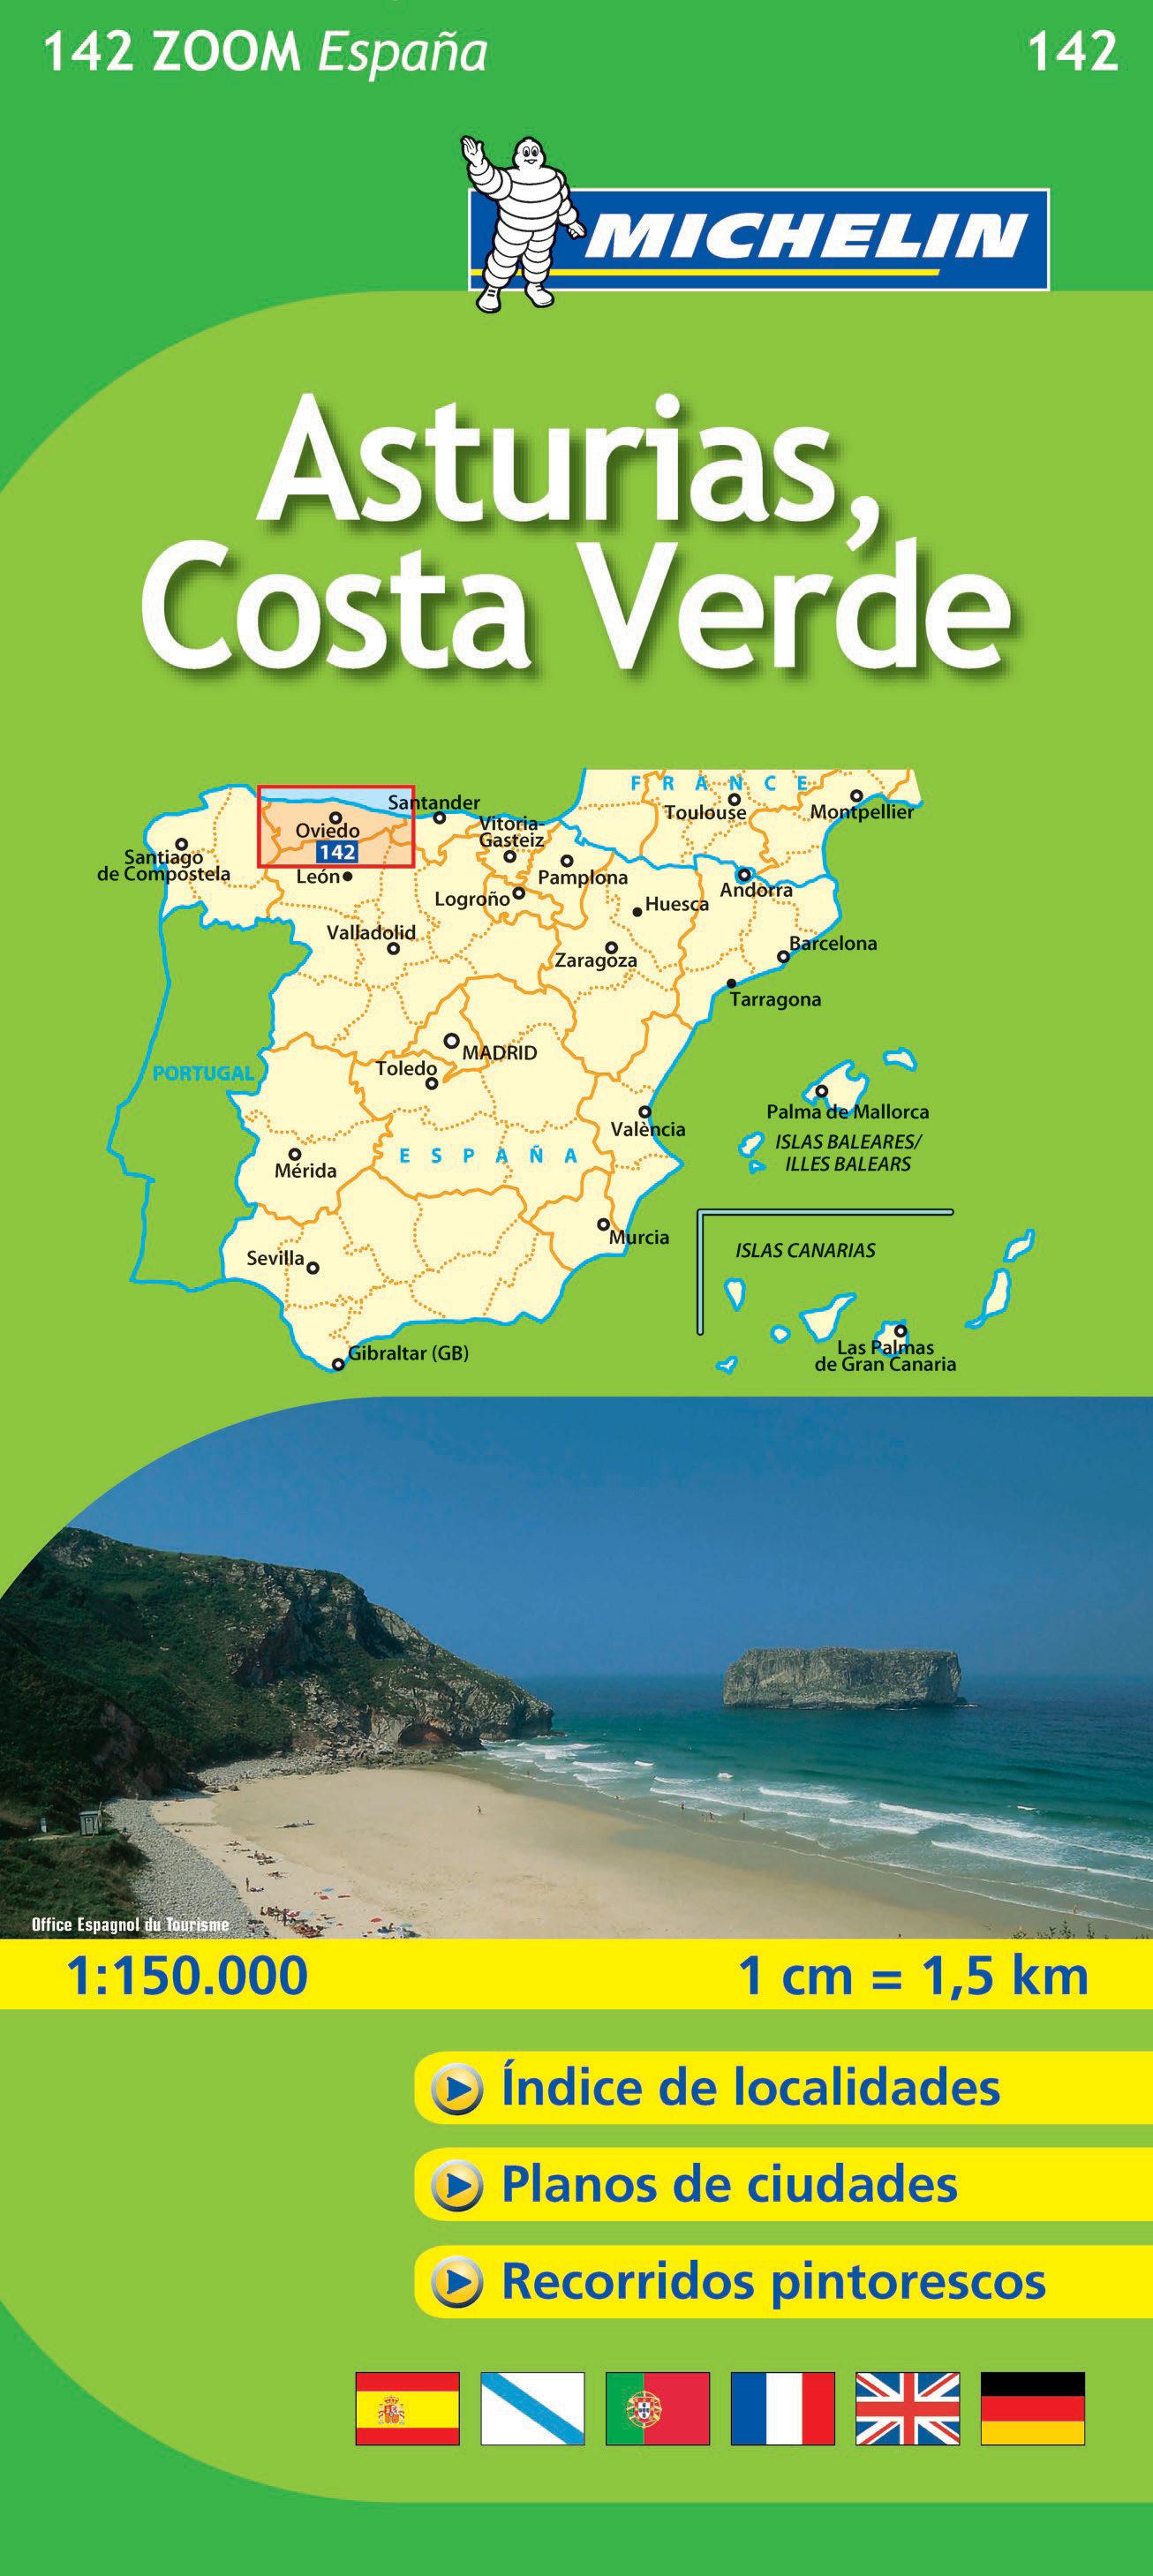 Asturias  Costa Verde  Ref  142   Mapas Zoom Espa U00d1a